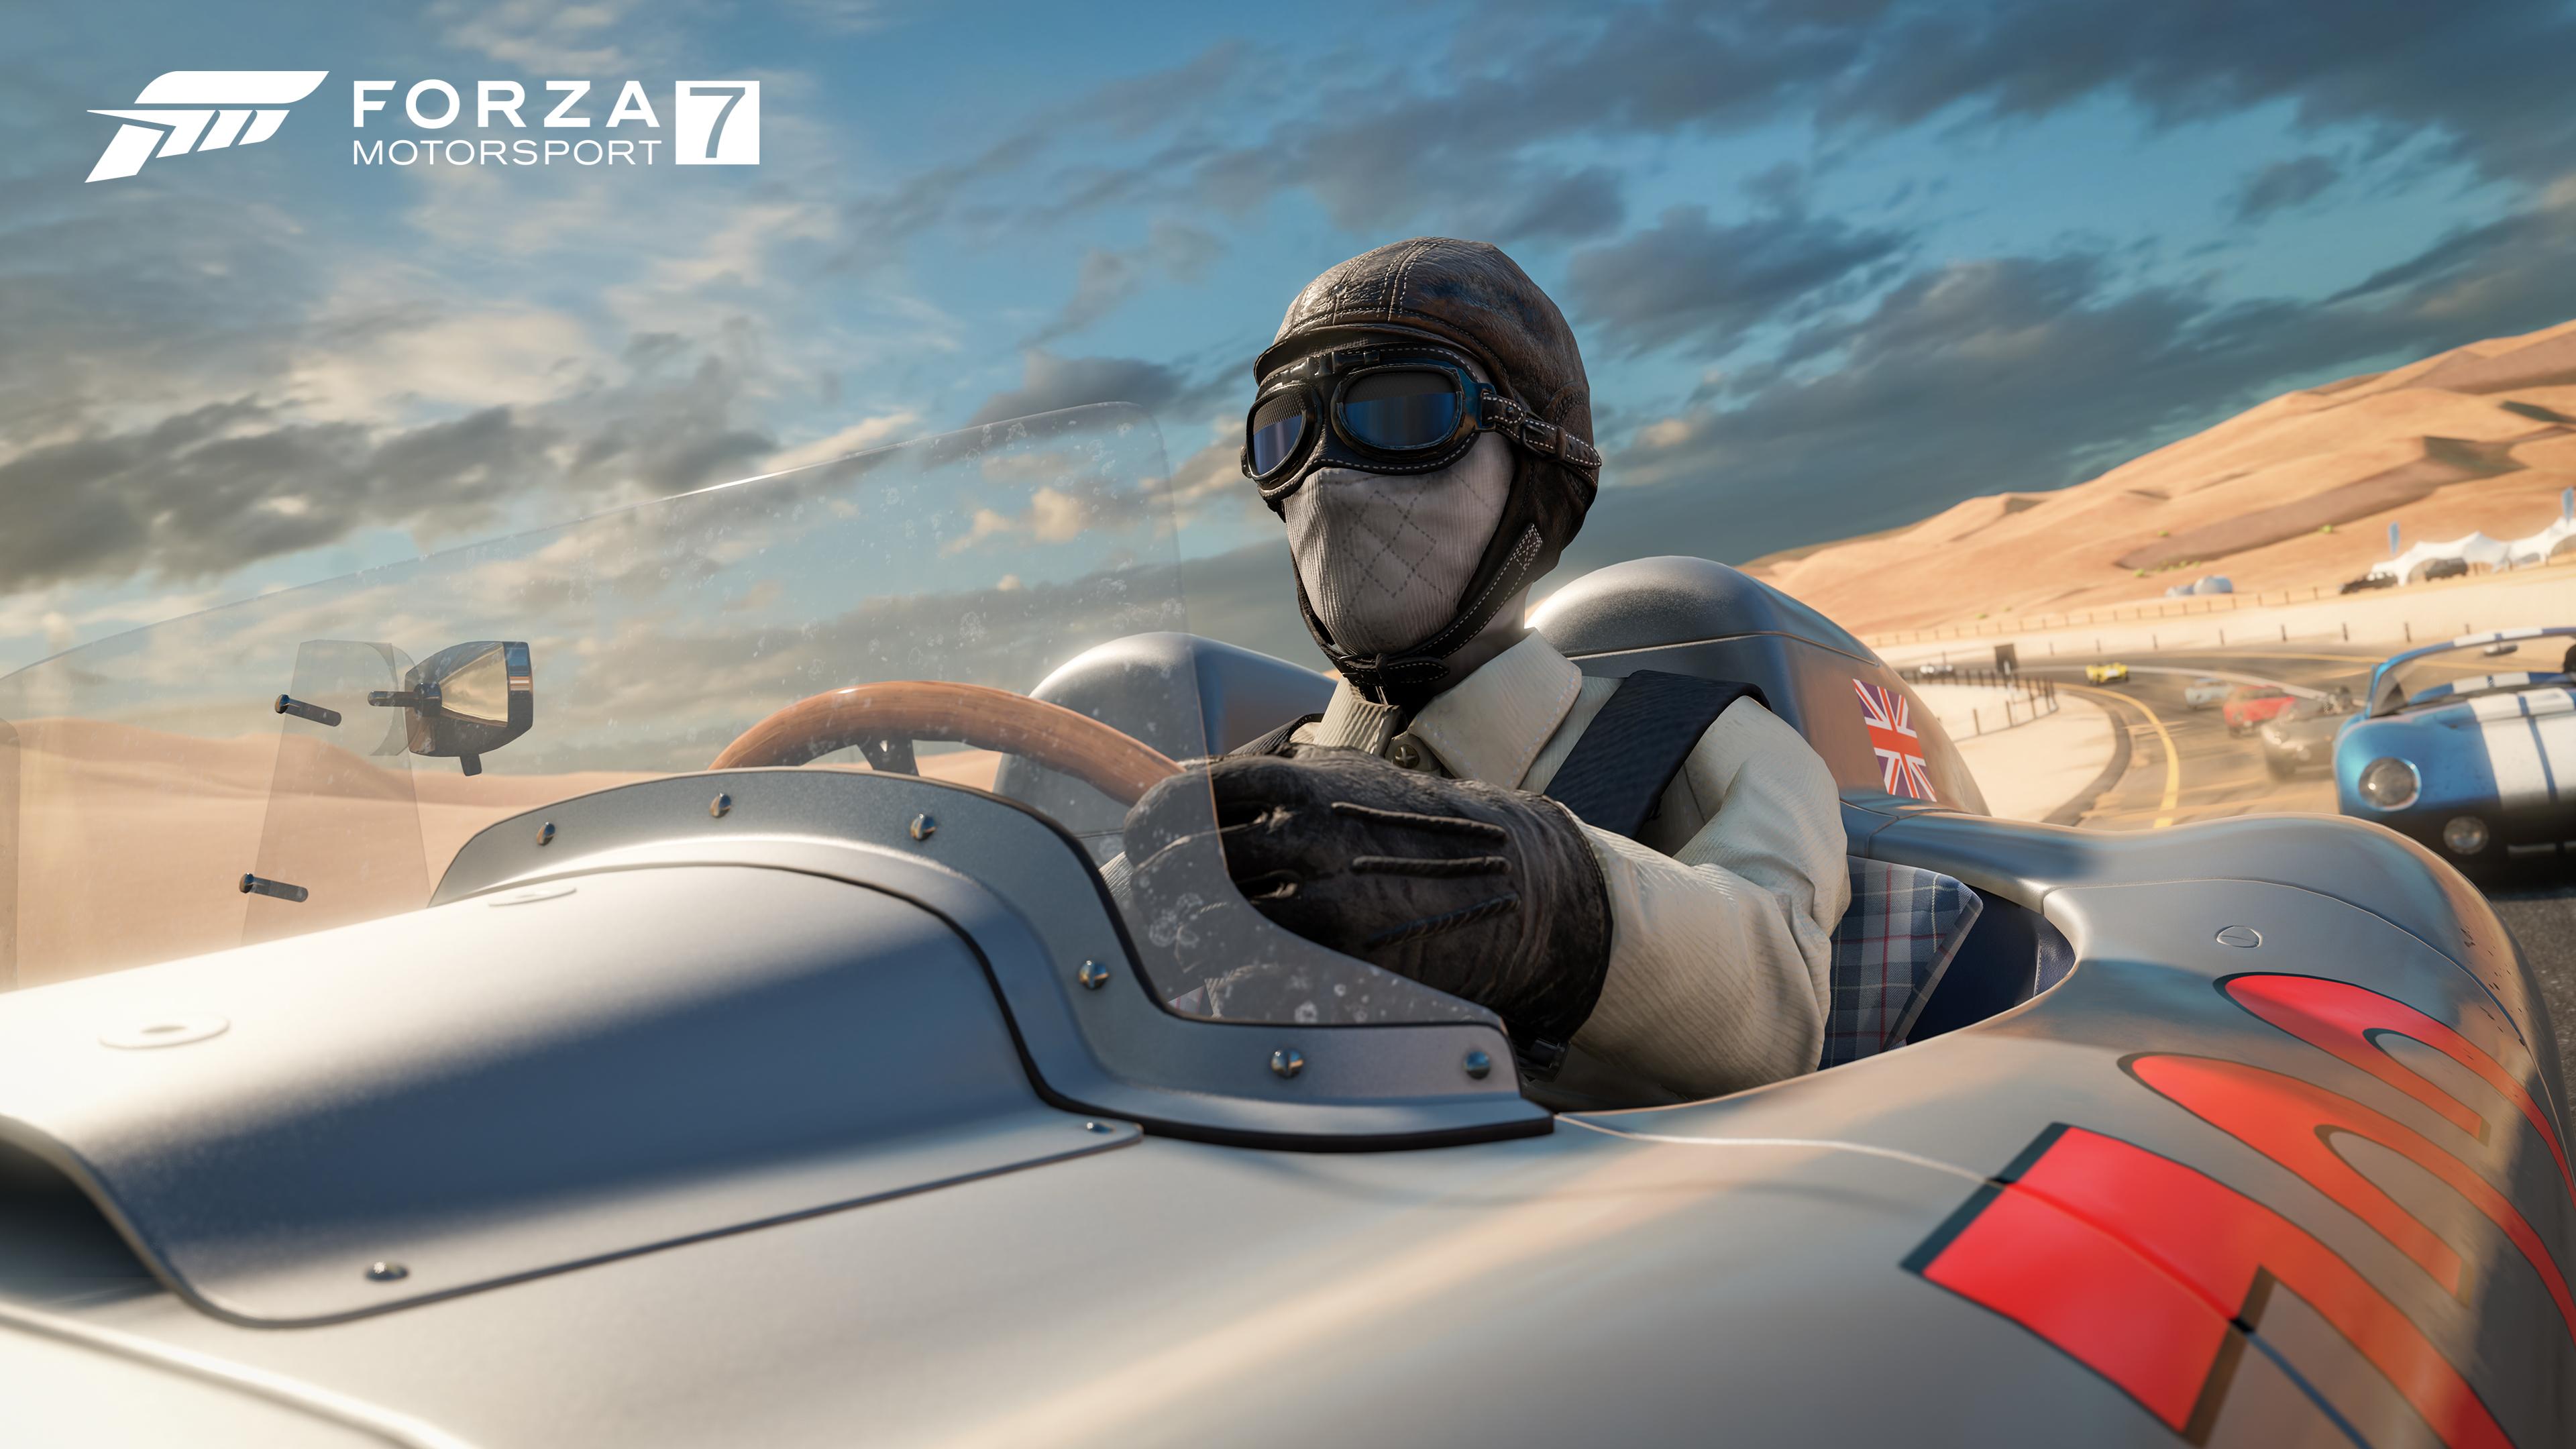 forza motorsport 7 liste des voitures a compl ter discussions sur les autres jeux vid o. Black Bedroom Furniture Sets. Home Design Ideas